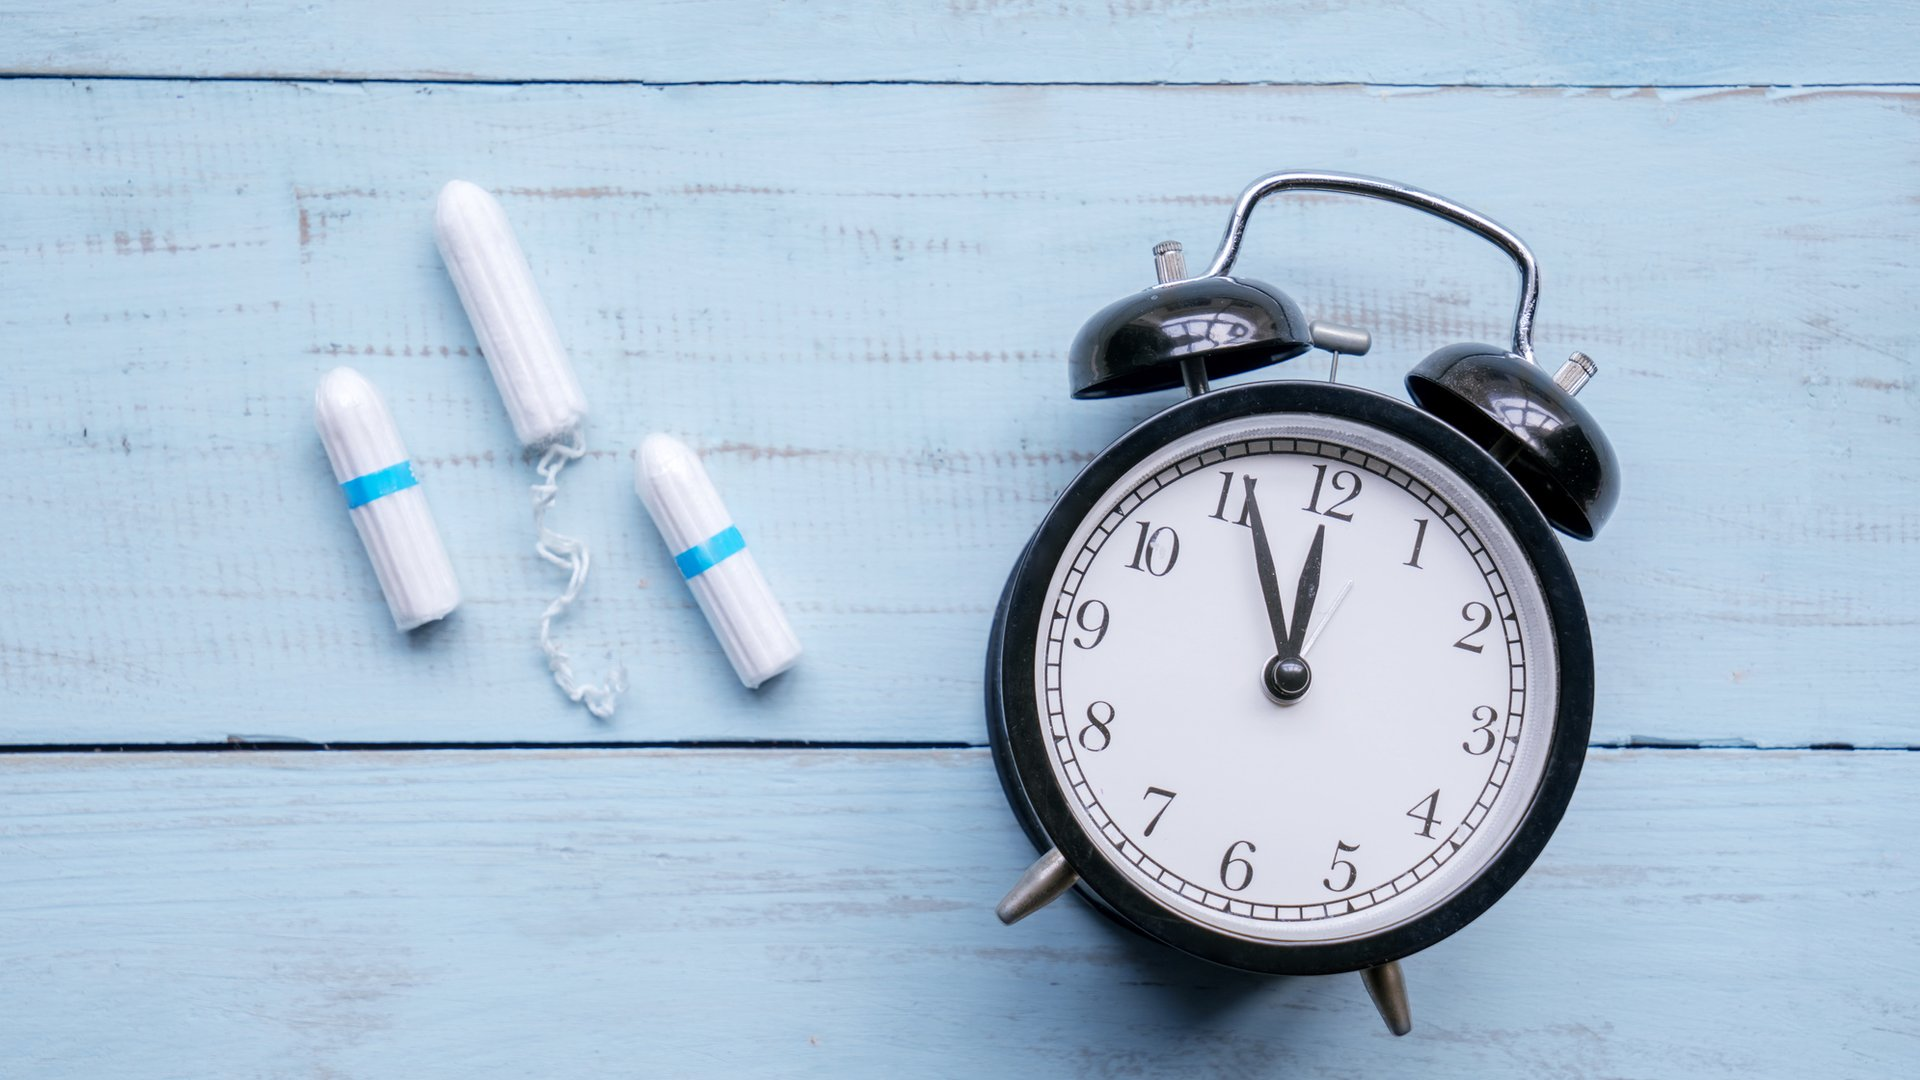 Unterleibsschmerzen pille durchnehmen Zwischenblutung und